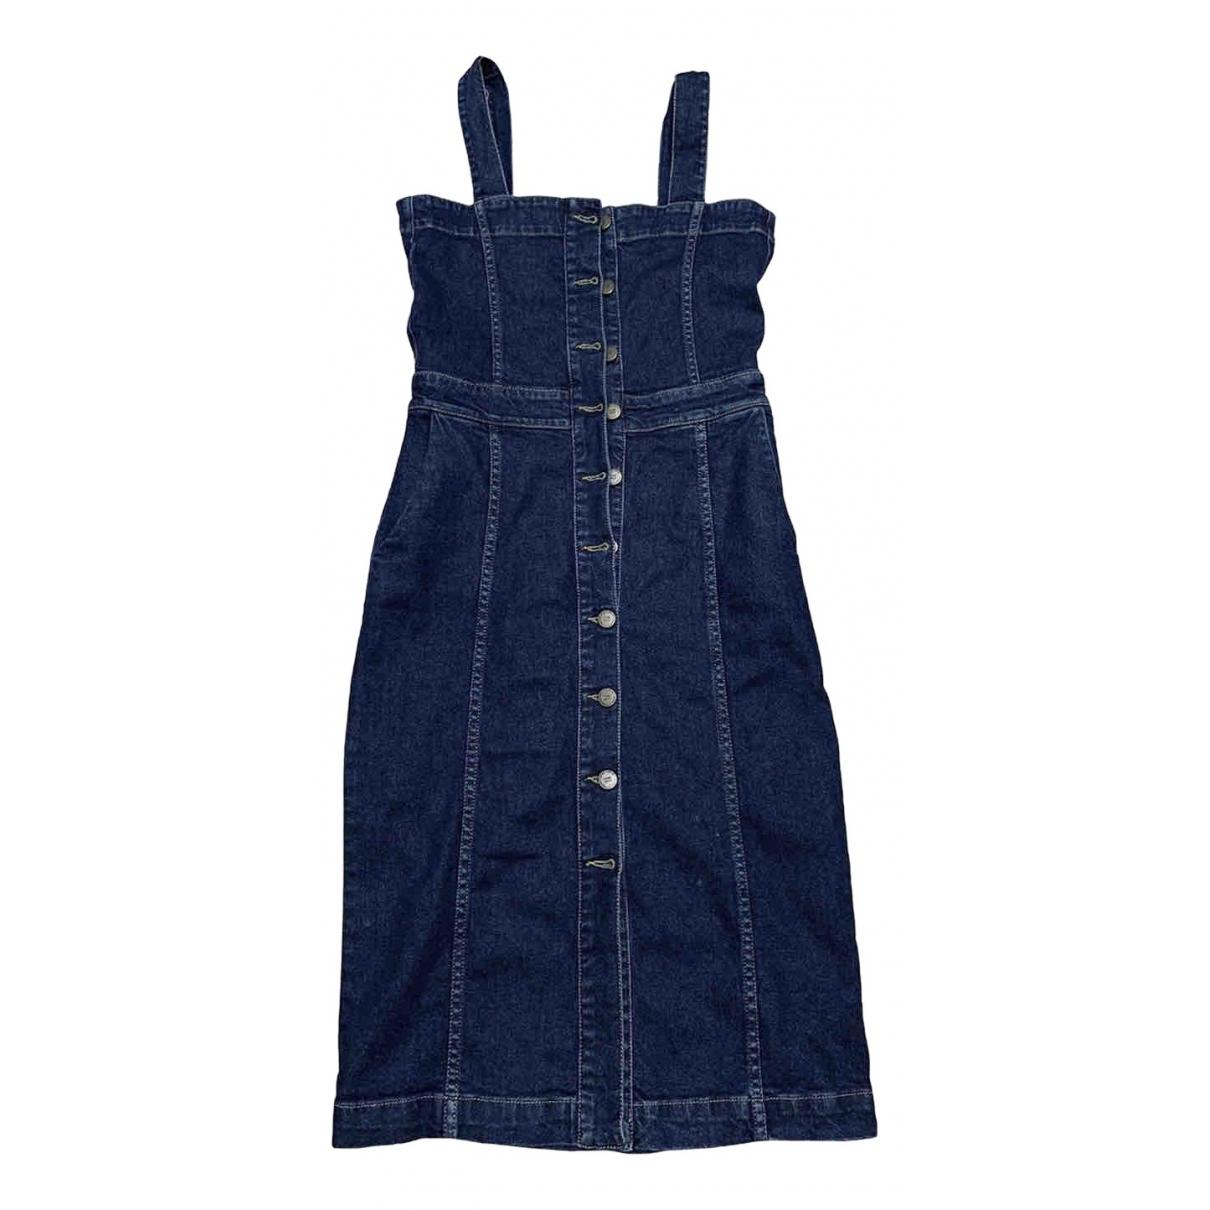 Maje \N Blue Denim - Jeans dress for Women 1 0-5